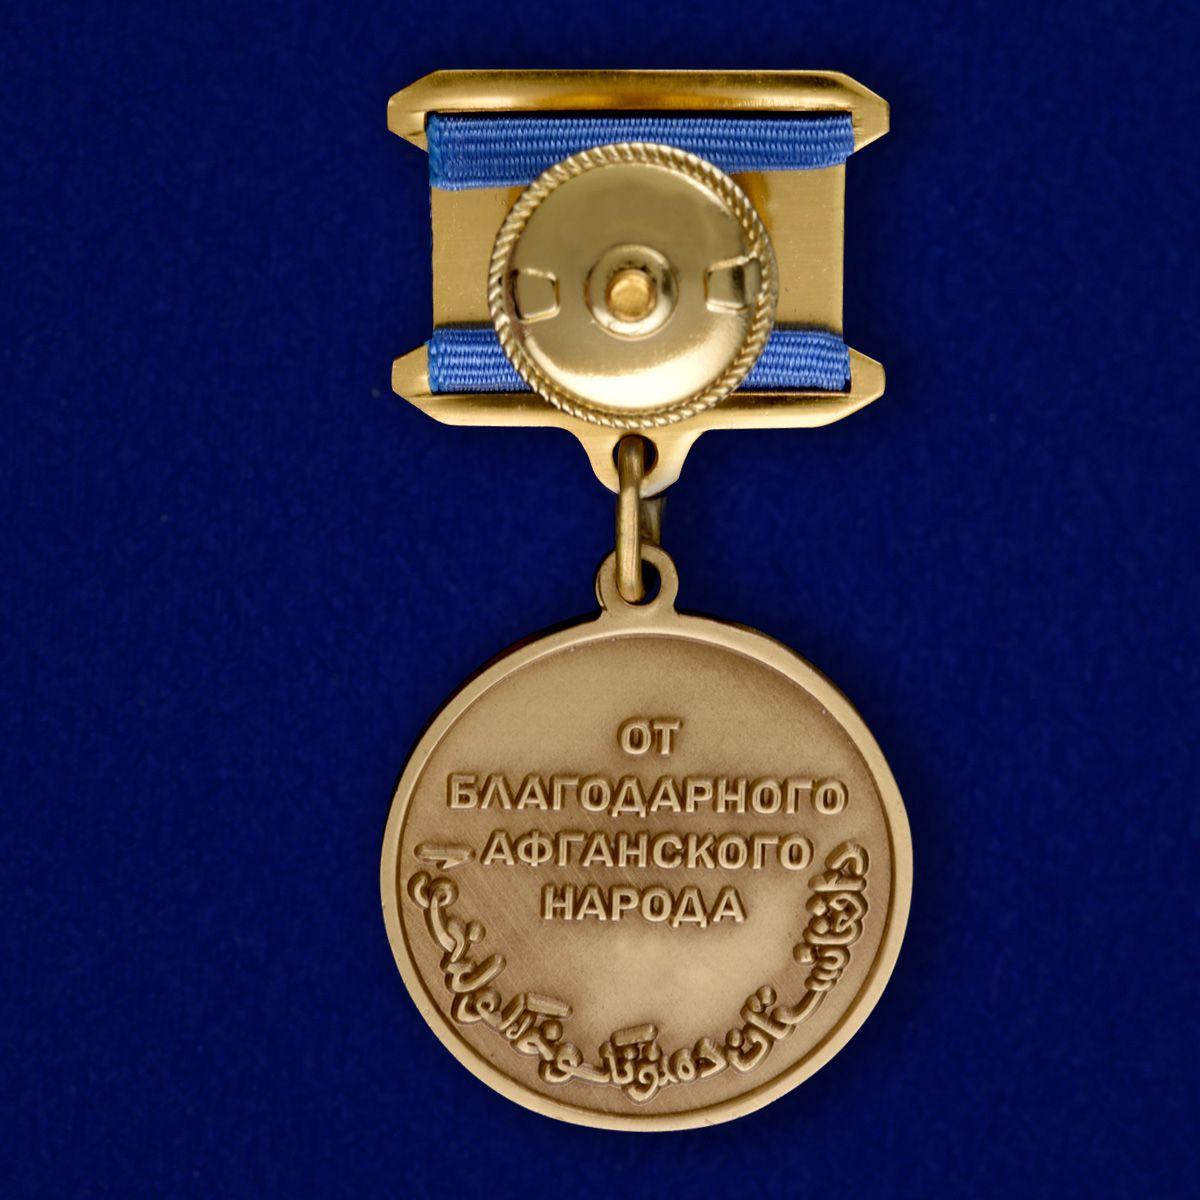 Реверс медали «Воину-интернационалисту от благодарного афганского народа»